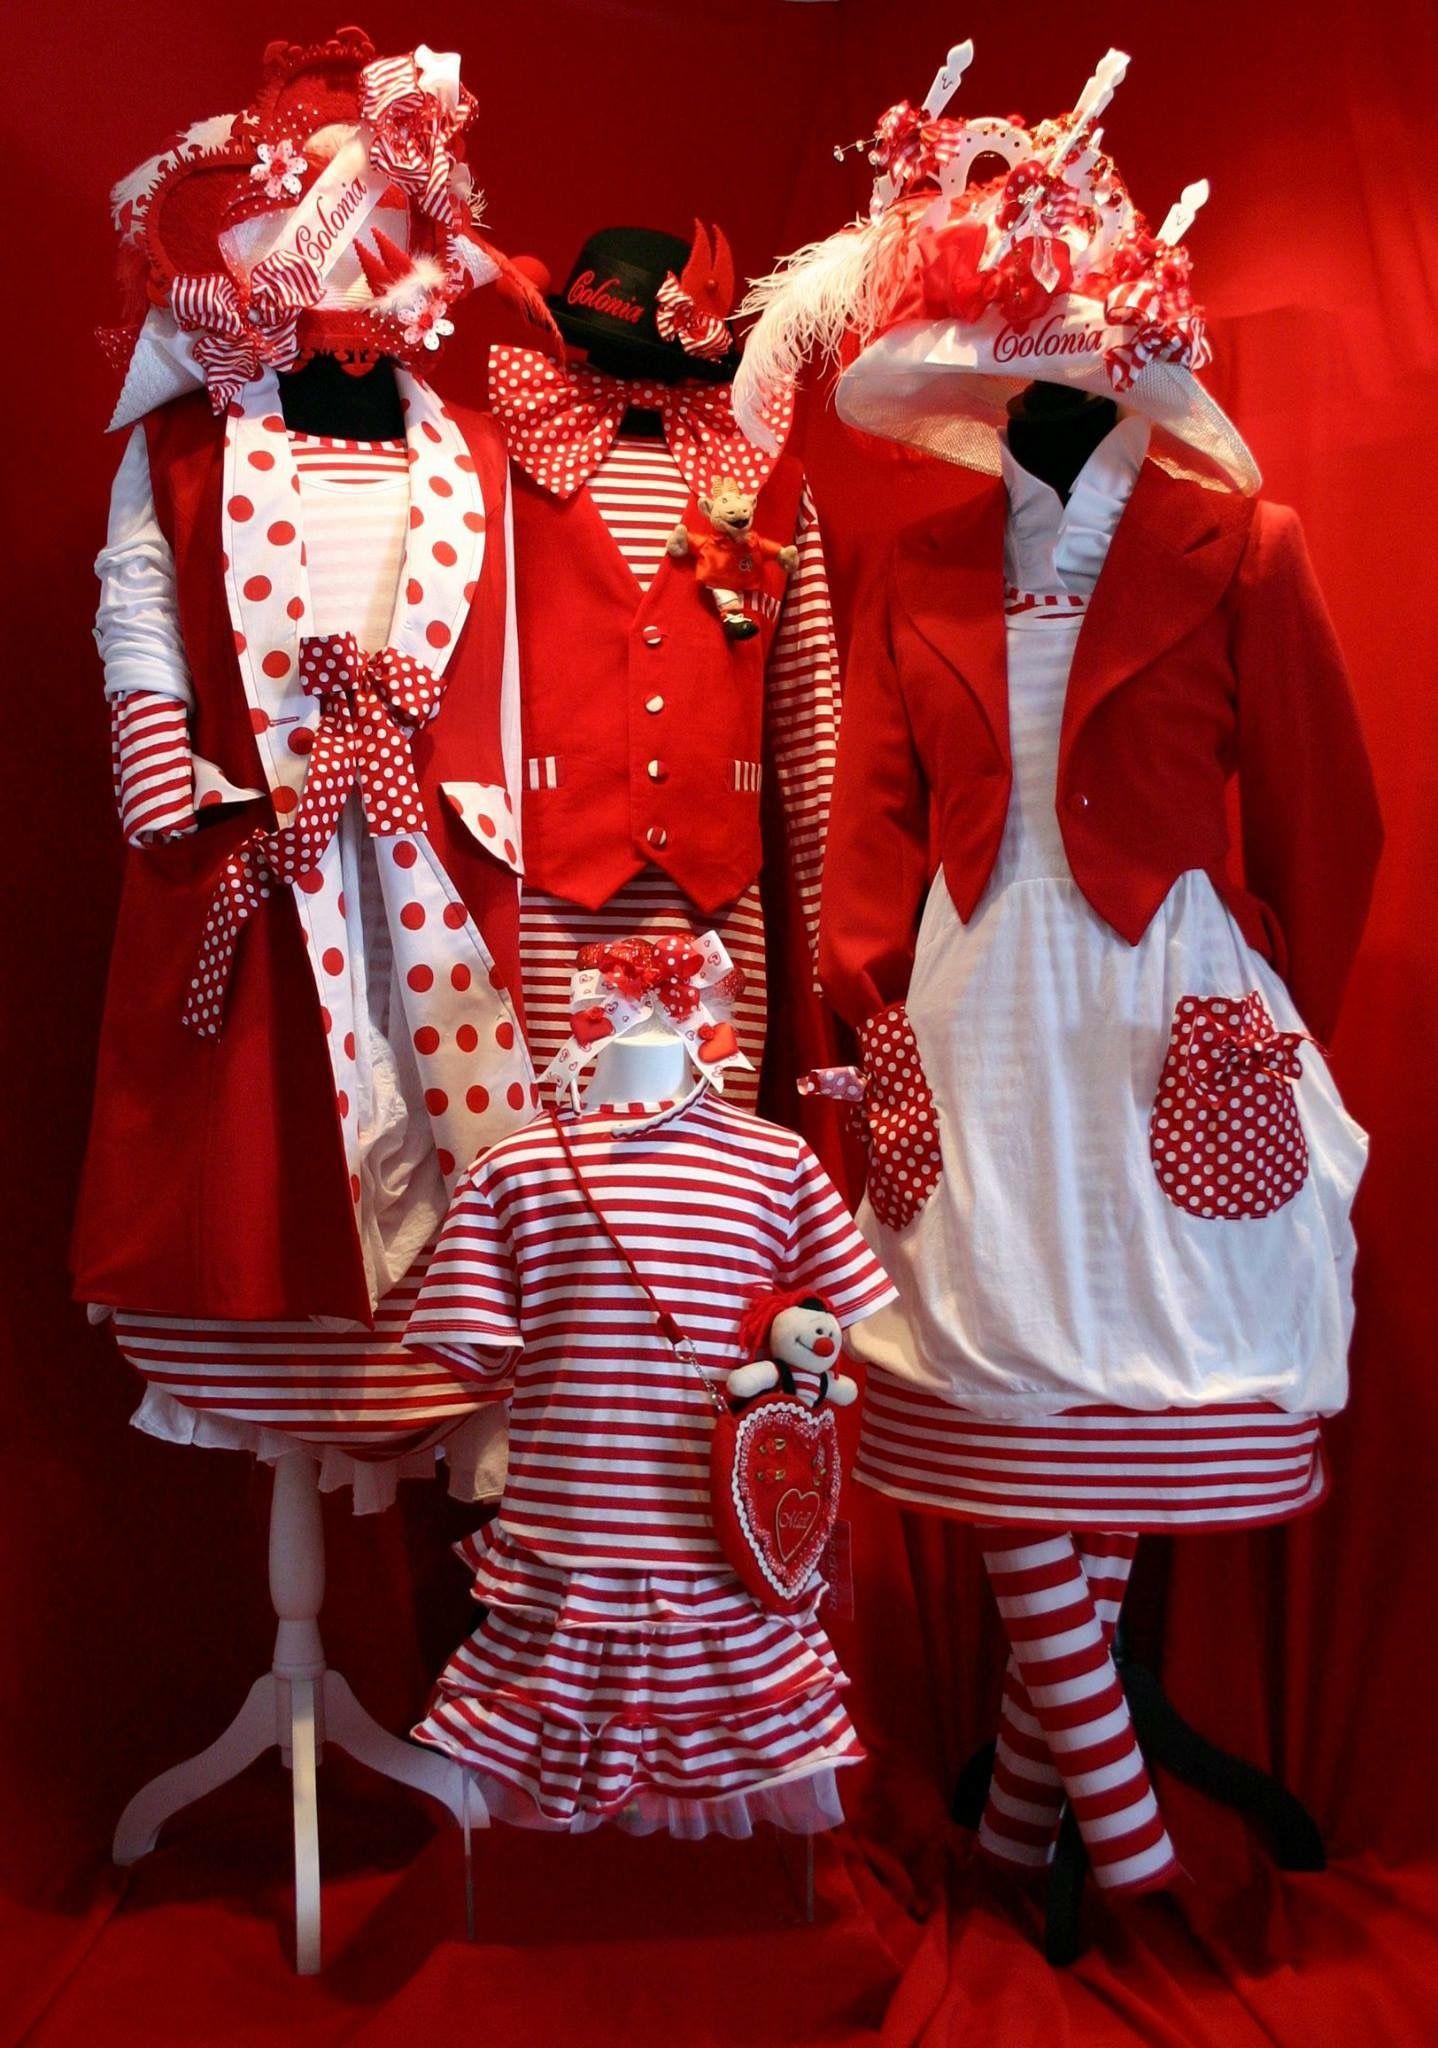 Karneval 2019 In WeissКостюм Rot Kostüm Schminken nPwO08k